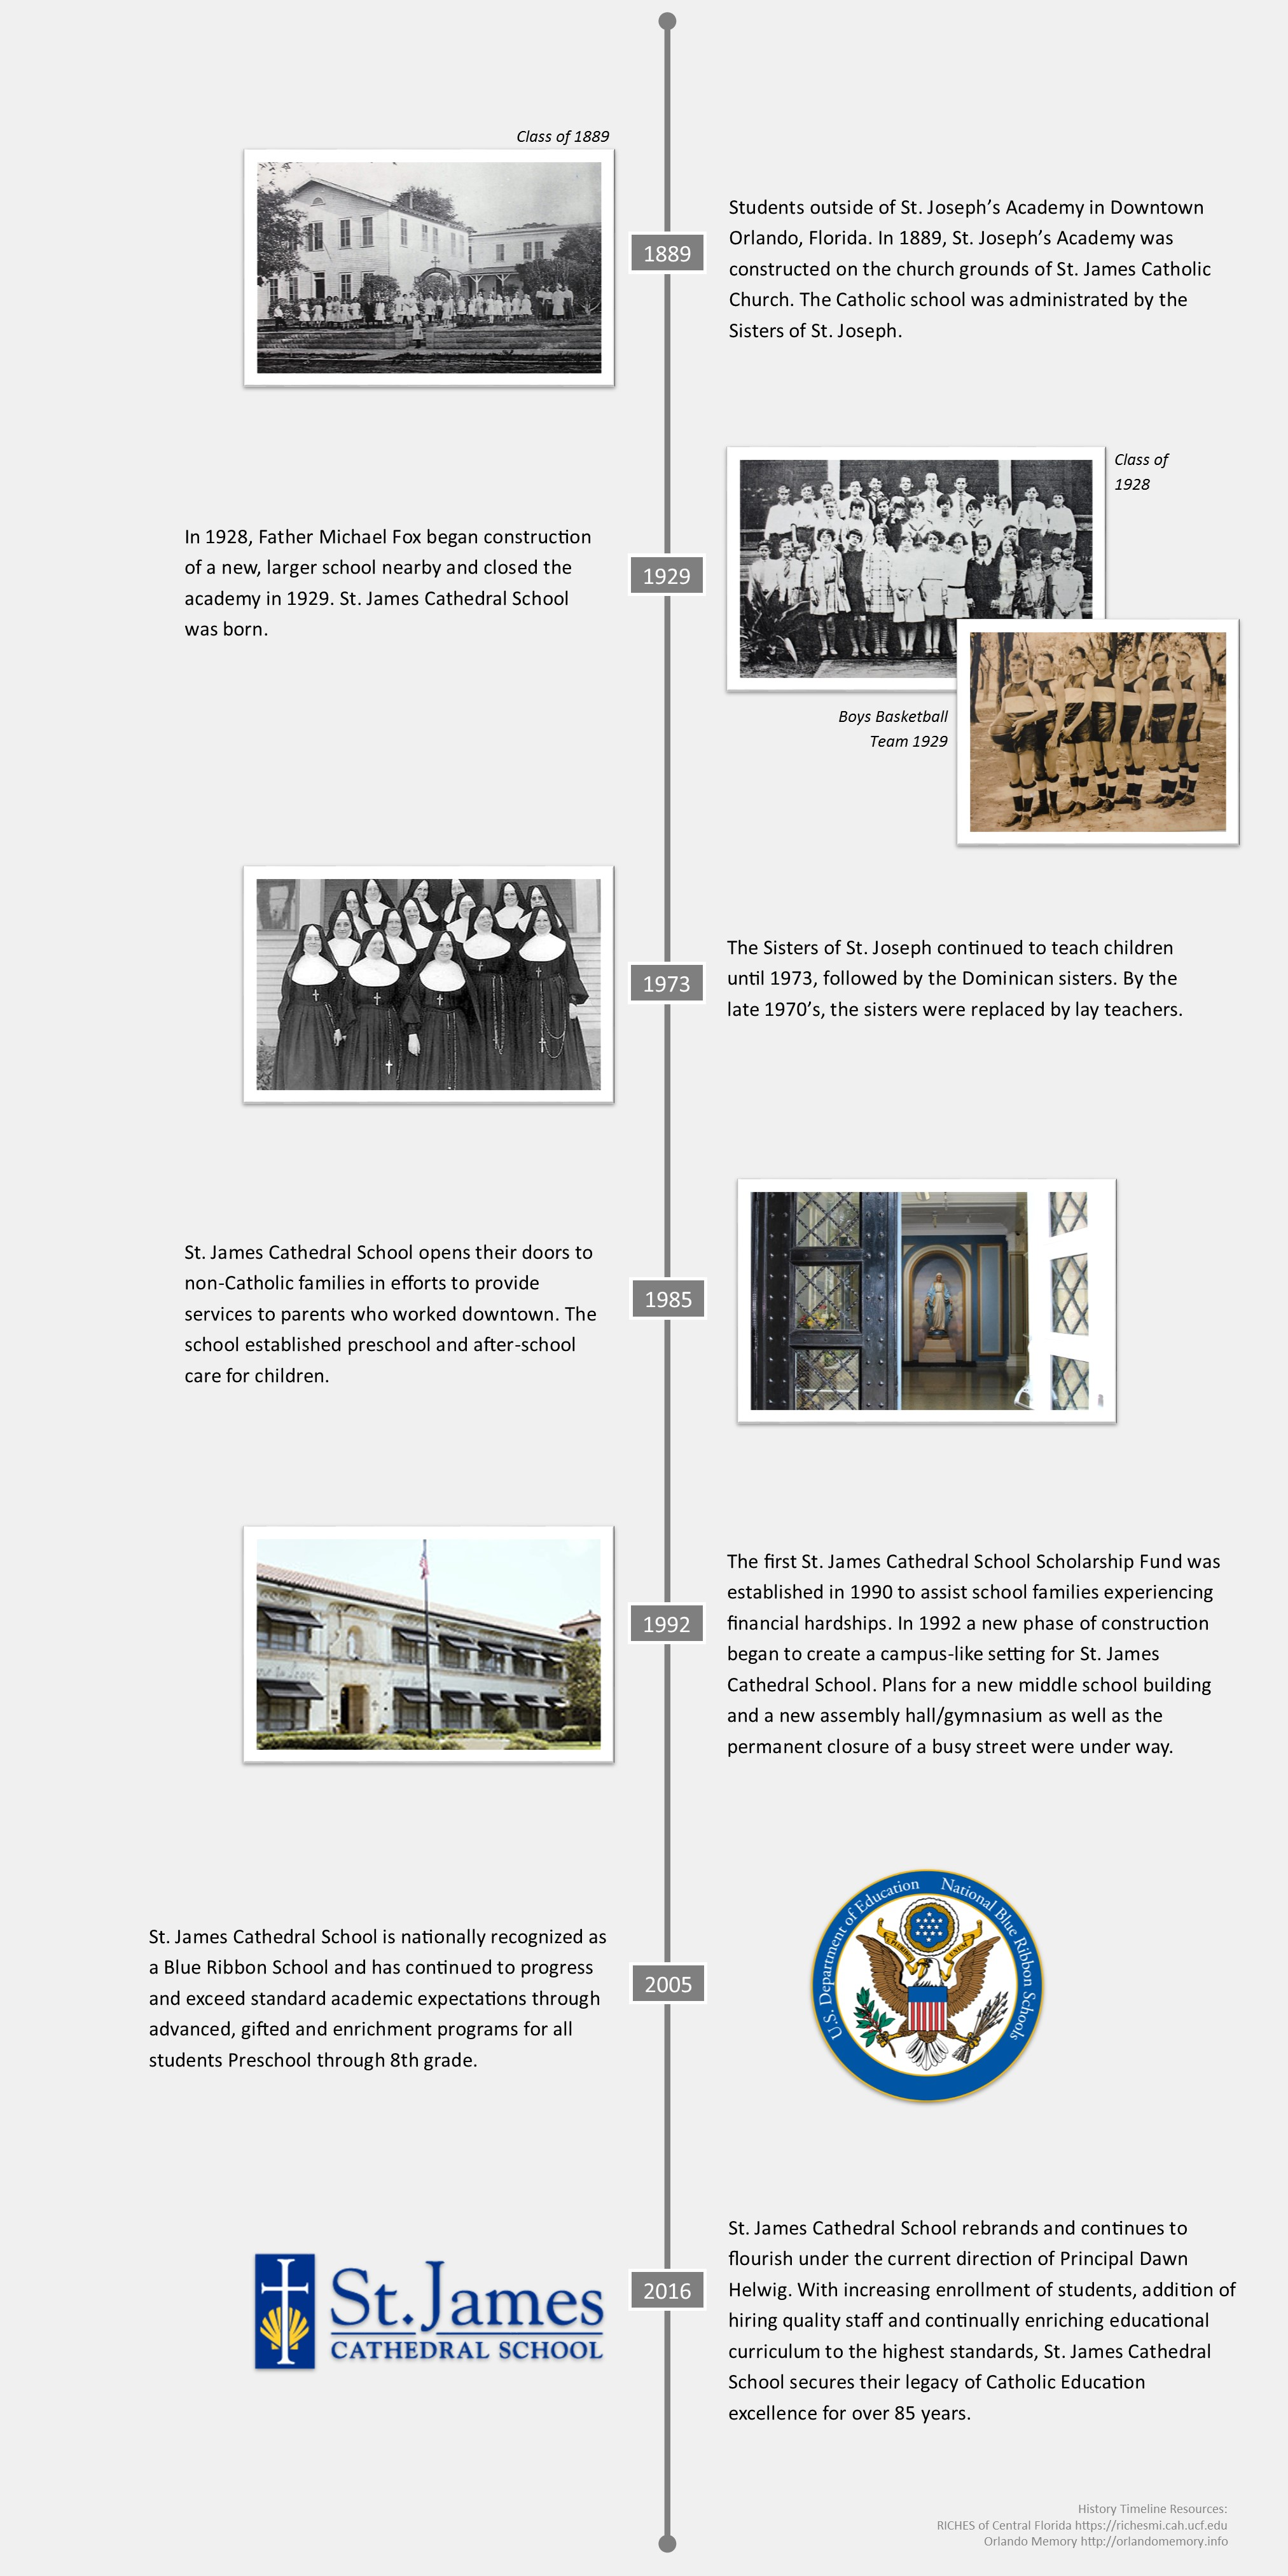 sjcs-history-timeline-v4